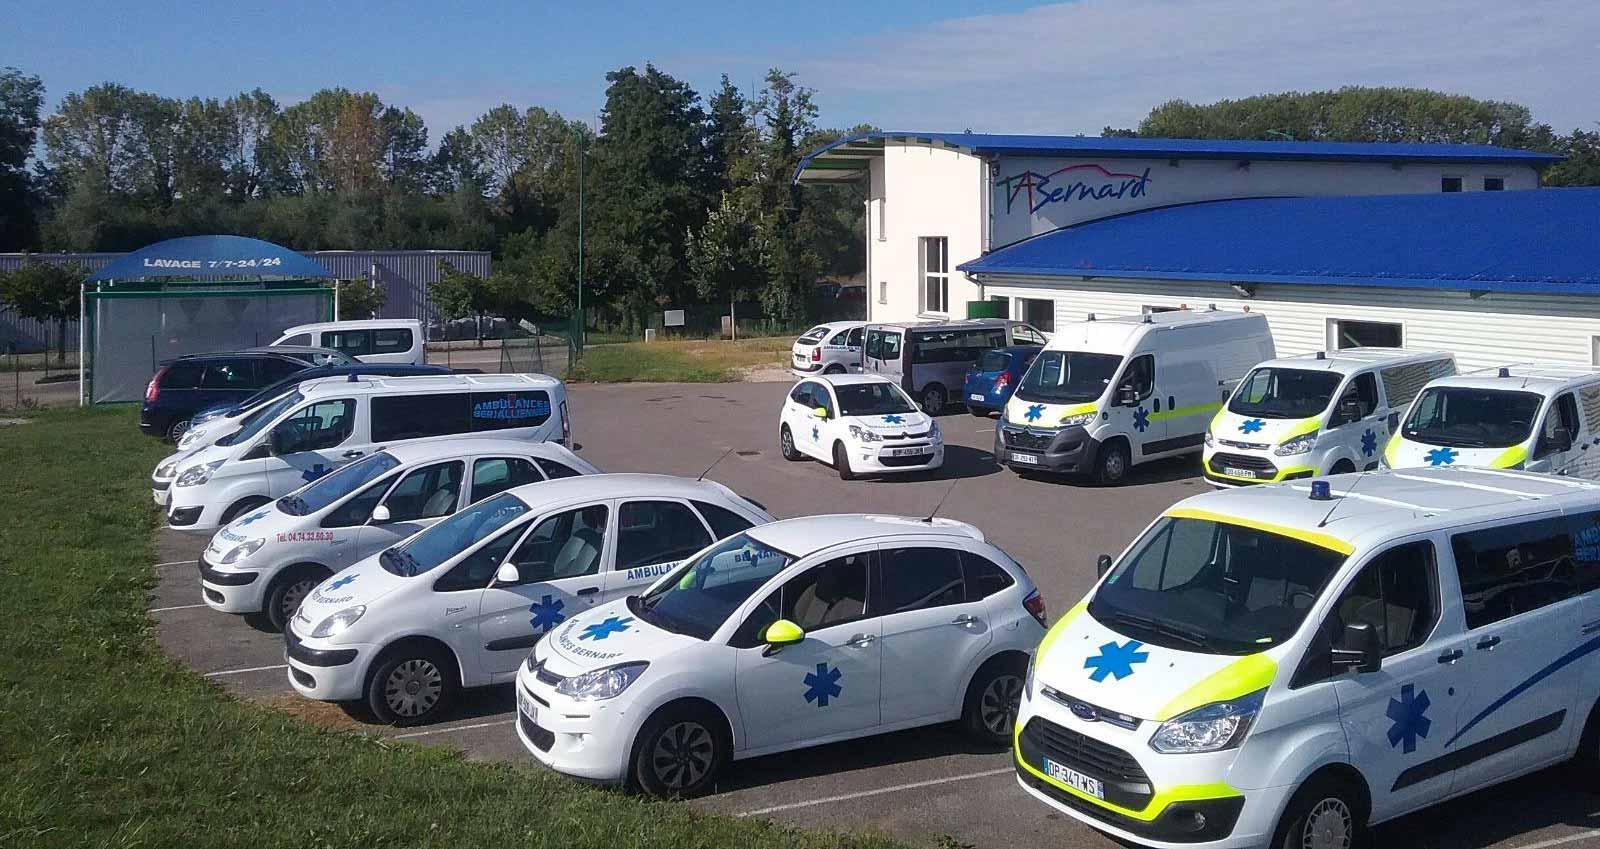 Les Ambulances Isere